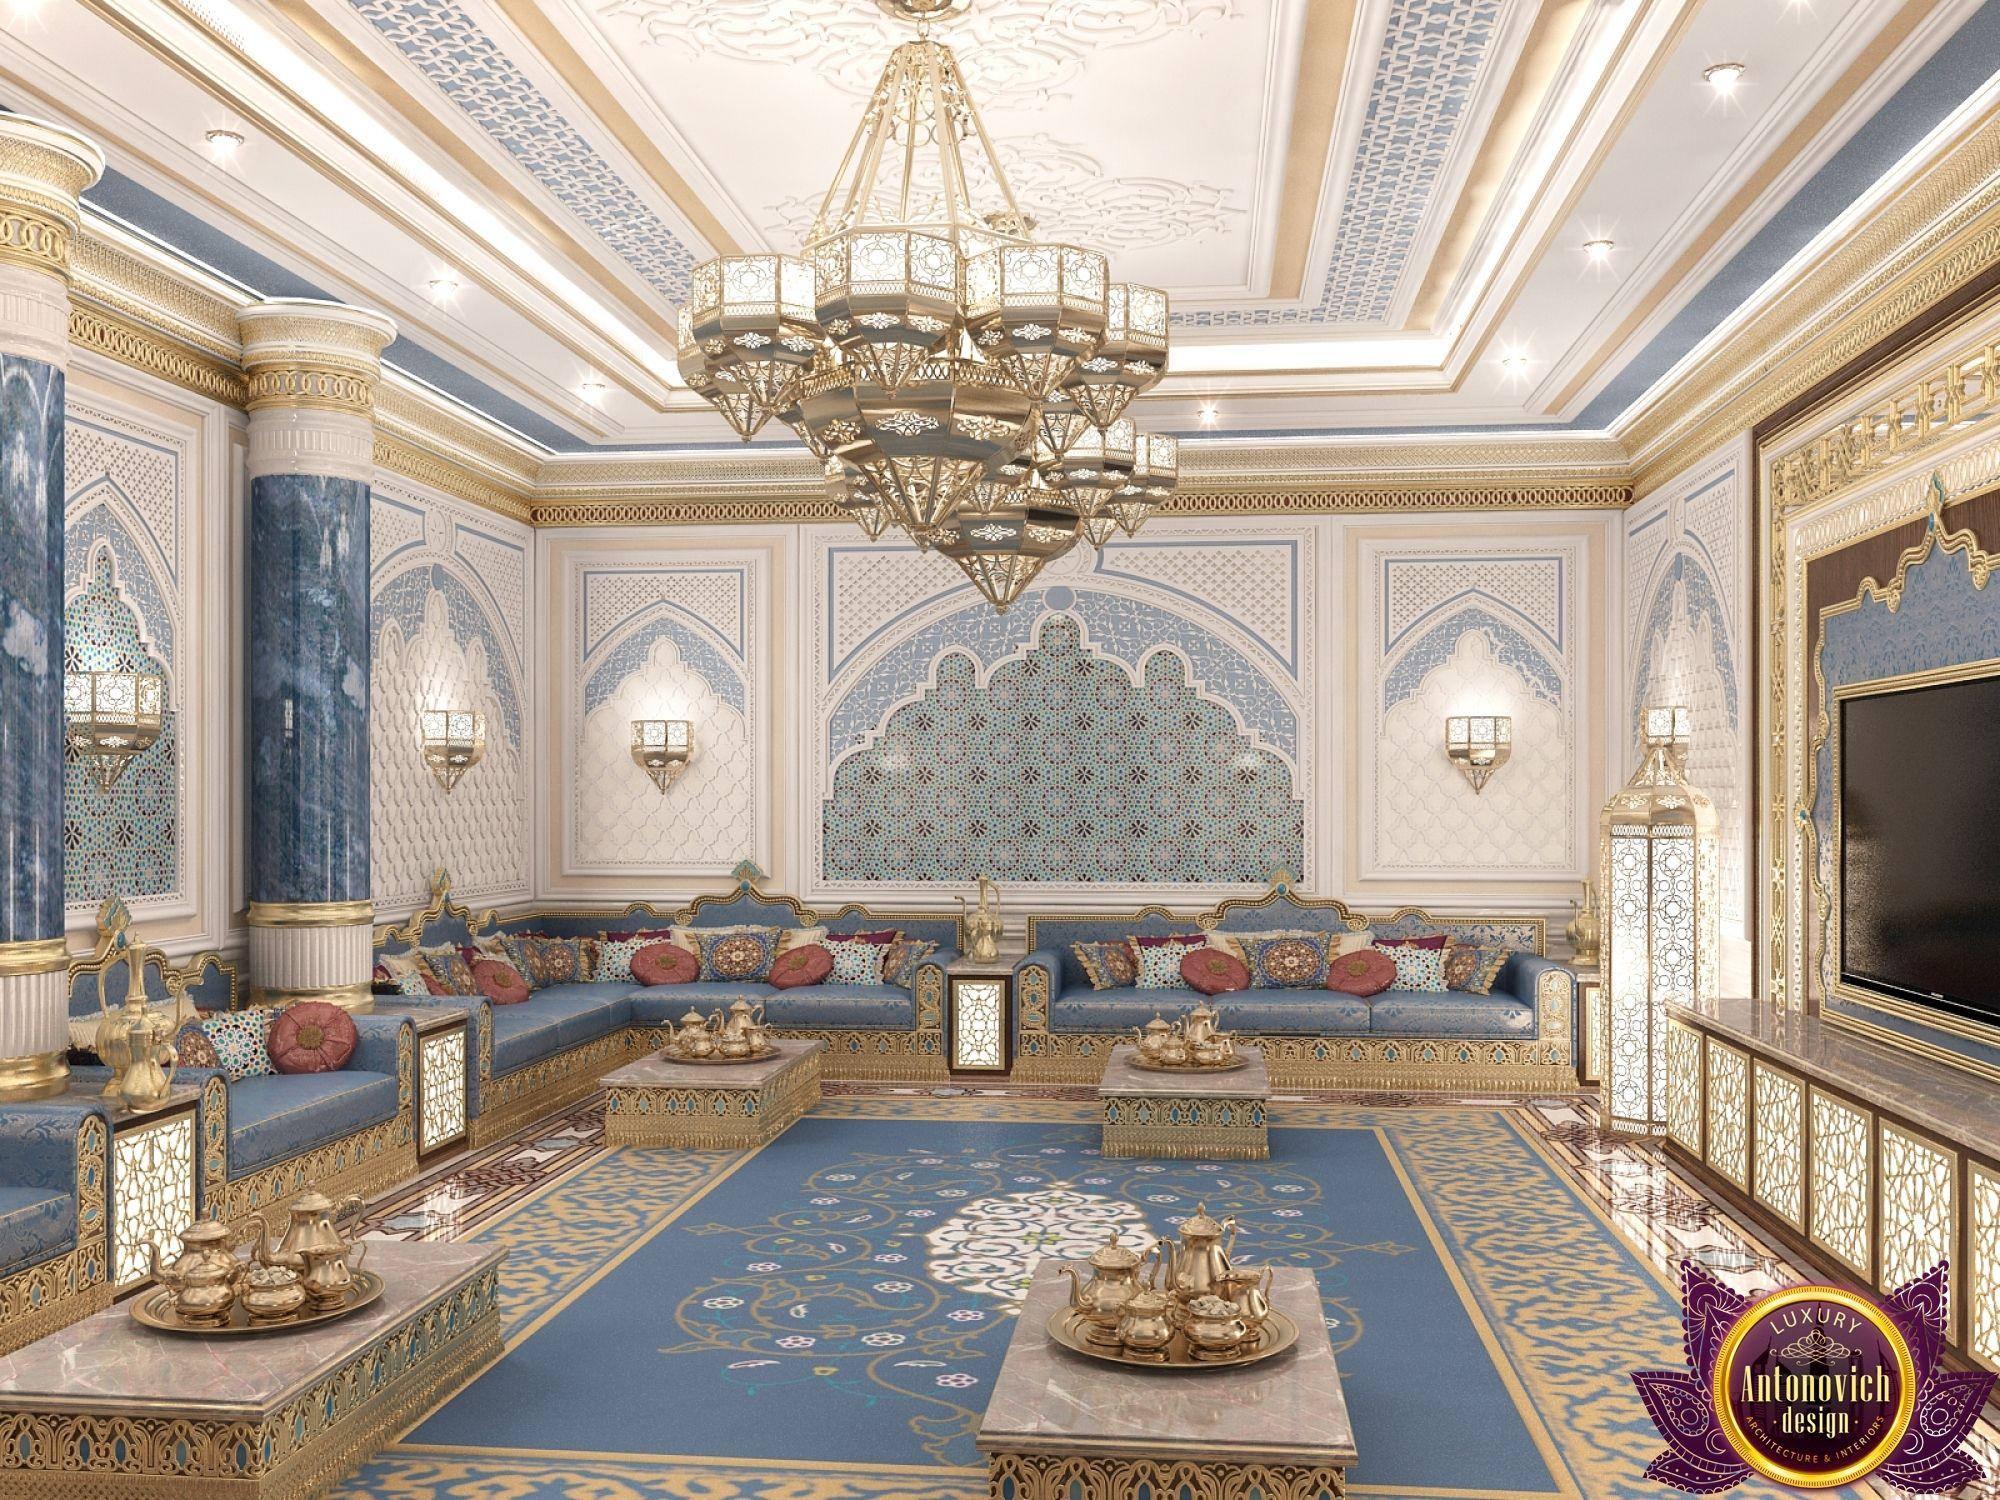 Majlis Interior Design In Dubai Luxury Arabic Photo 3 Interiores Marroquinos